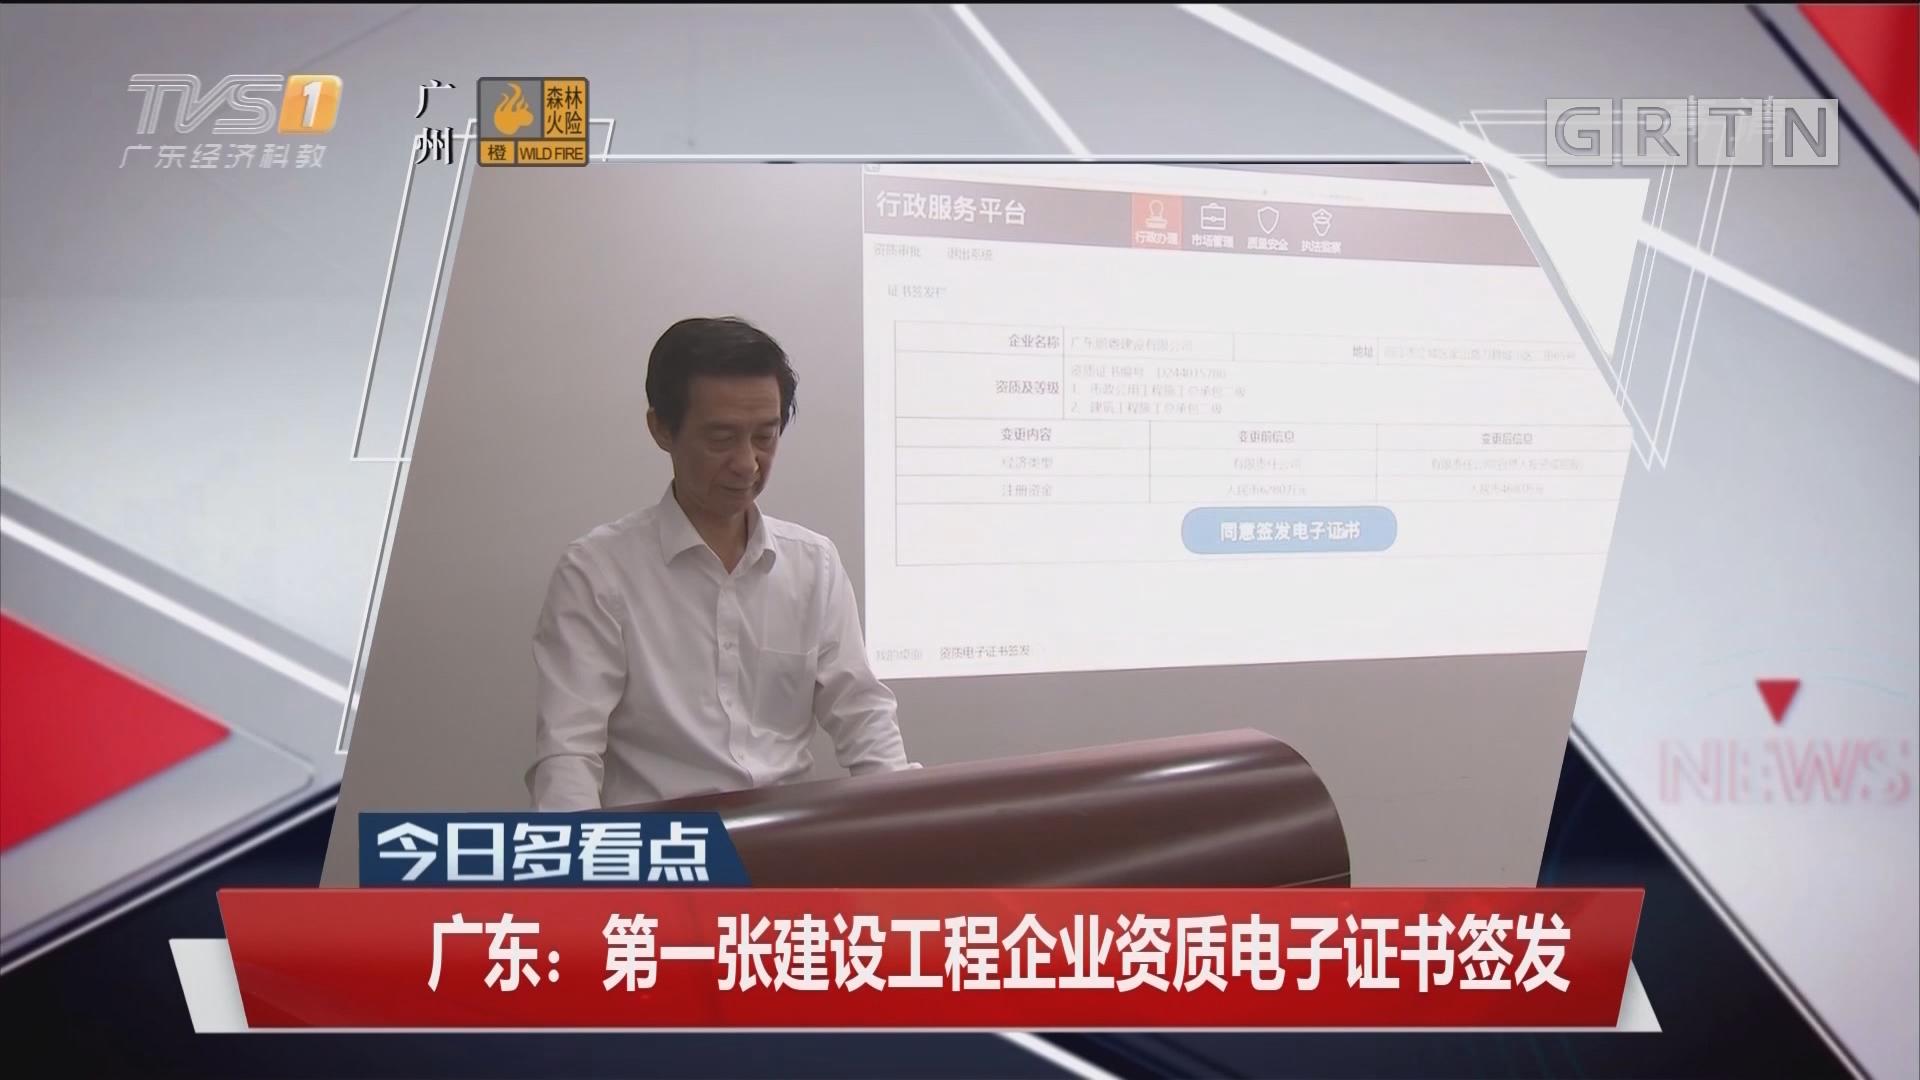 广东:第一张建设工程企业资质电子证书签发